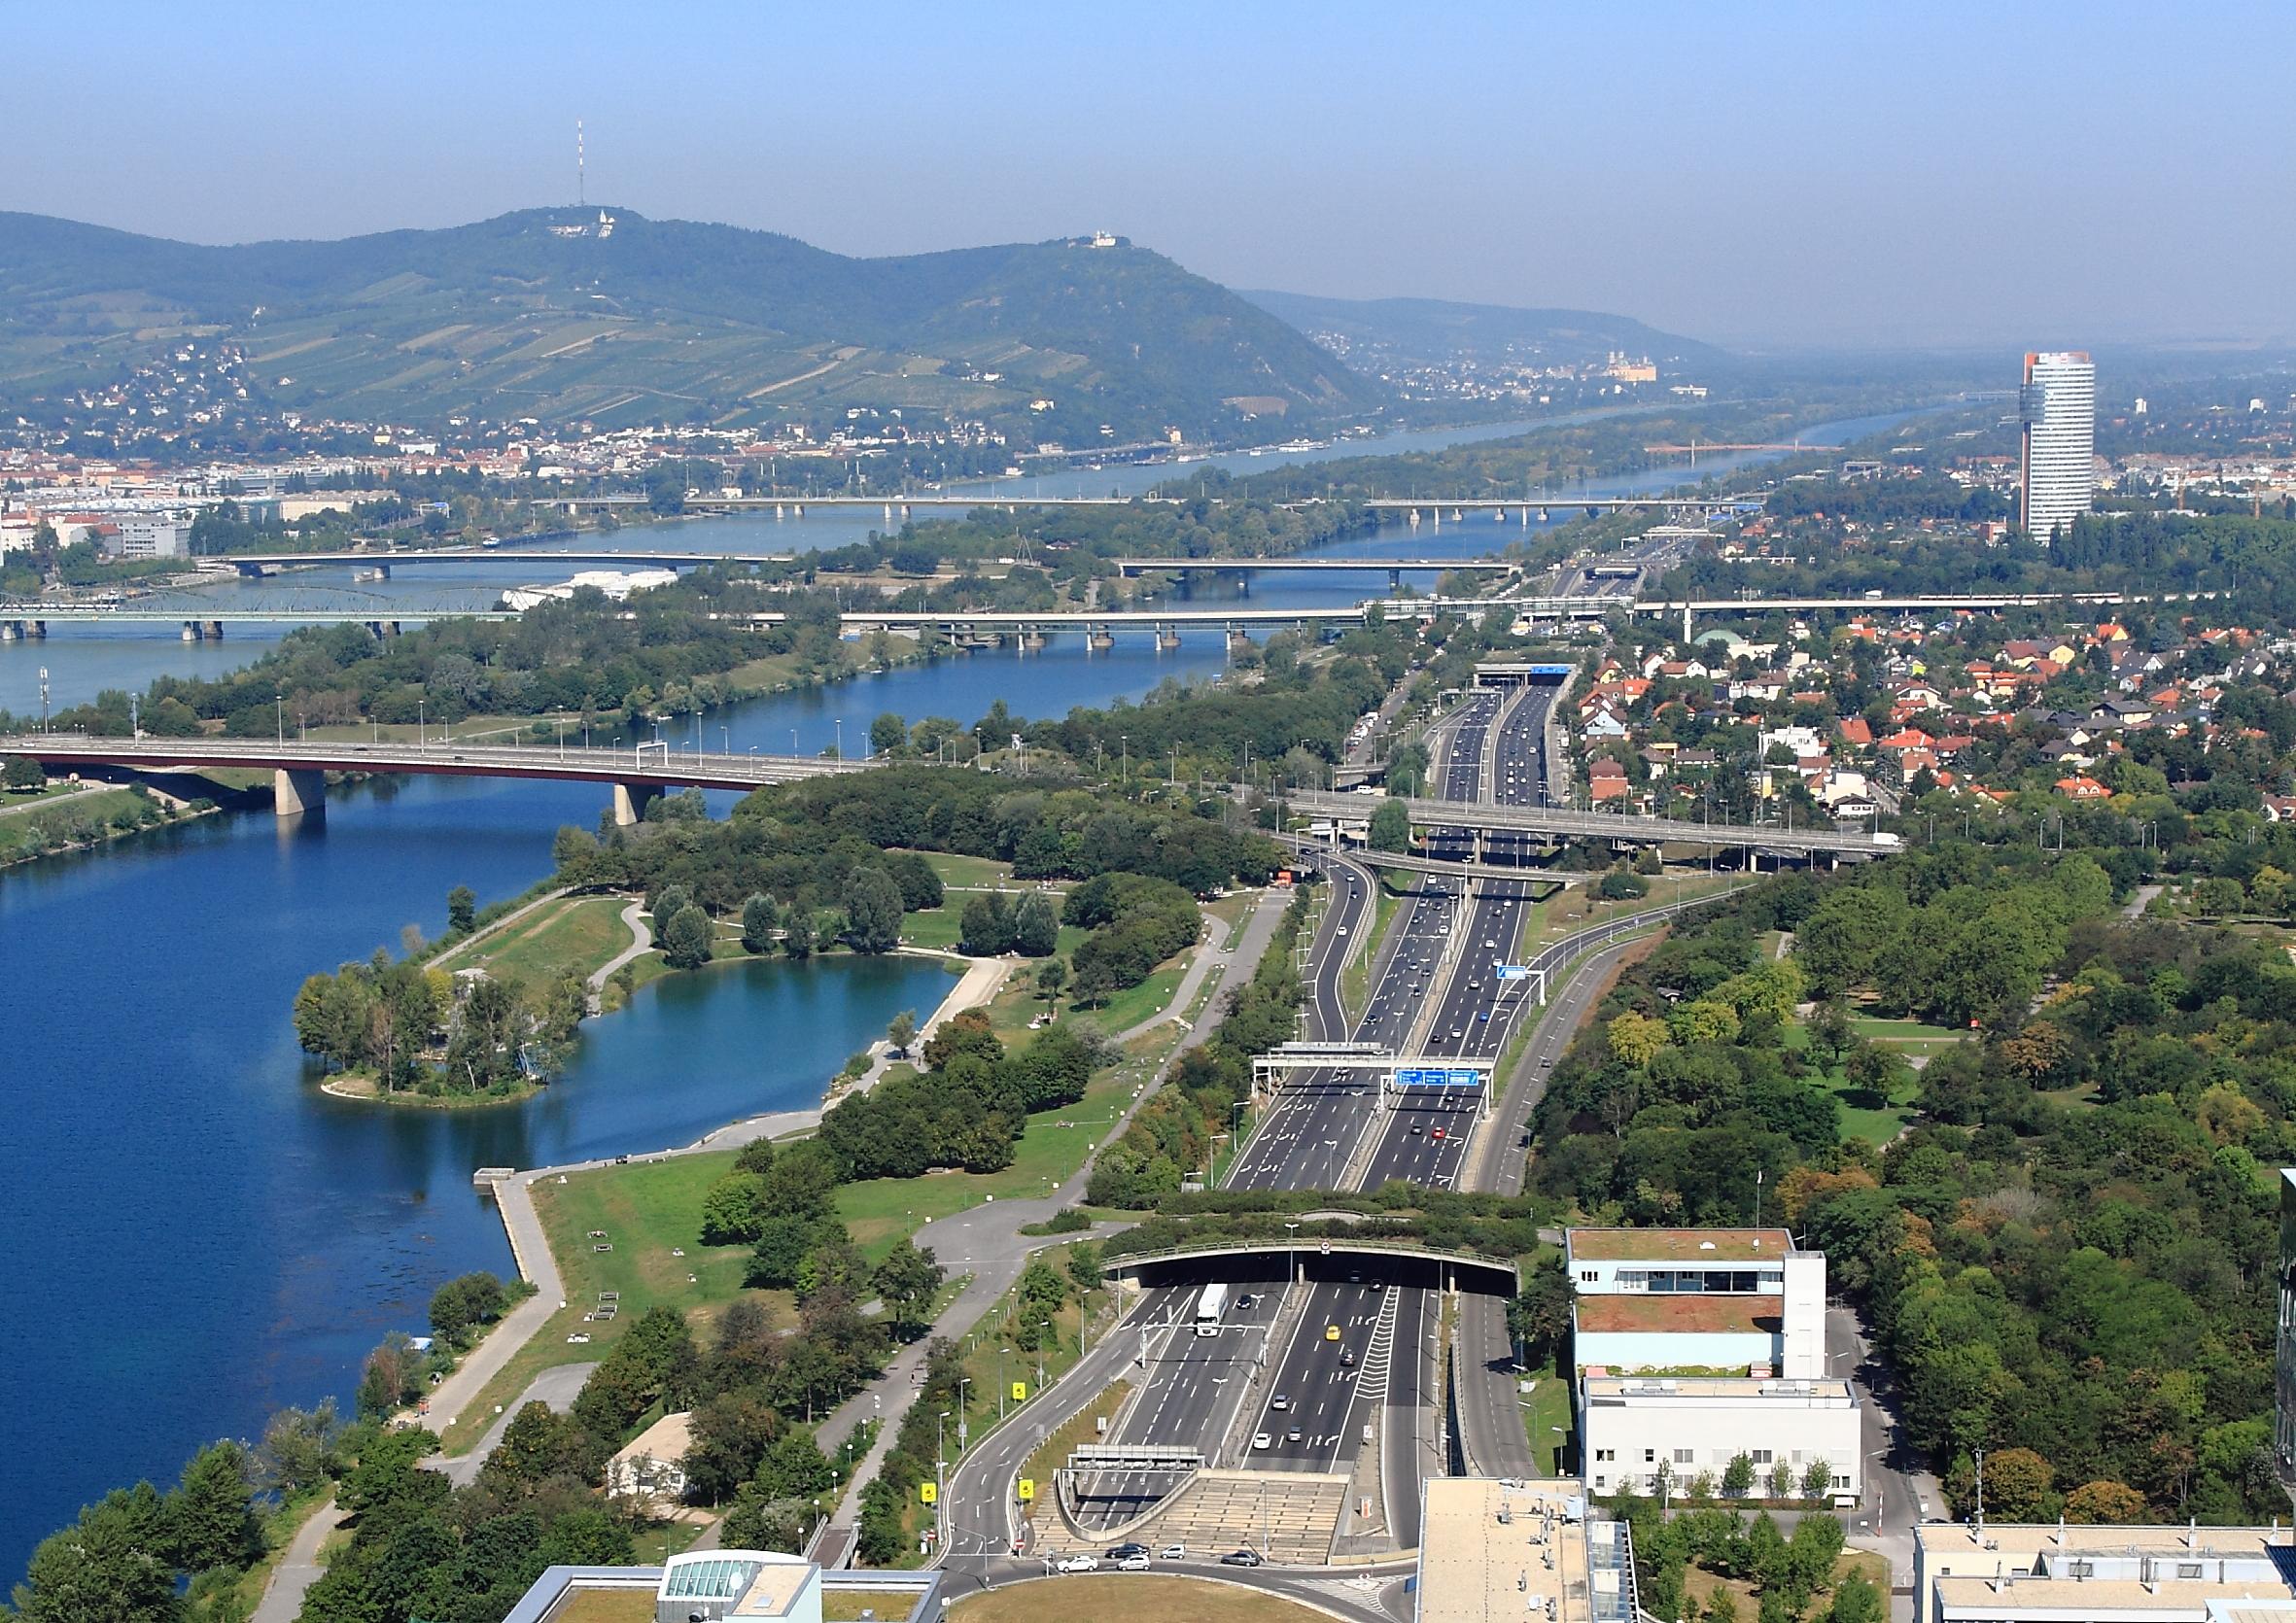 File:Wien - Donauuferautobahn.JPG